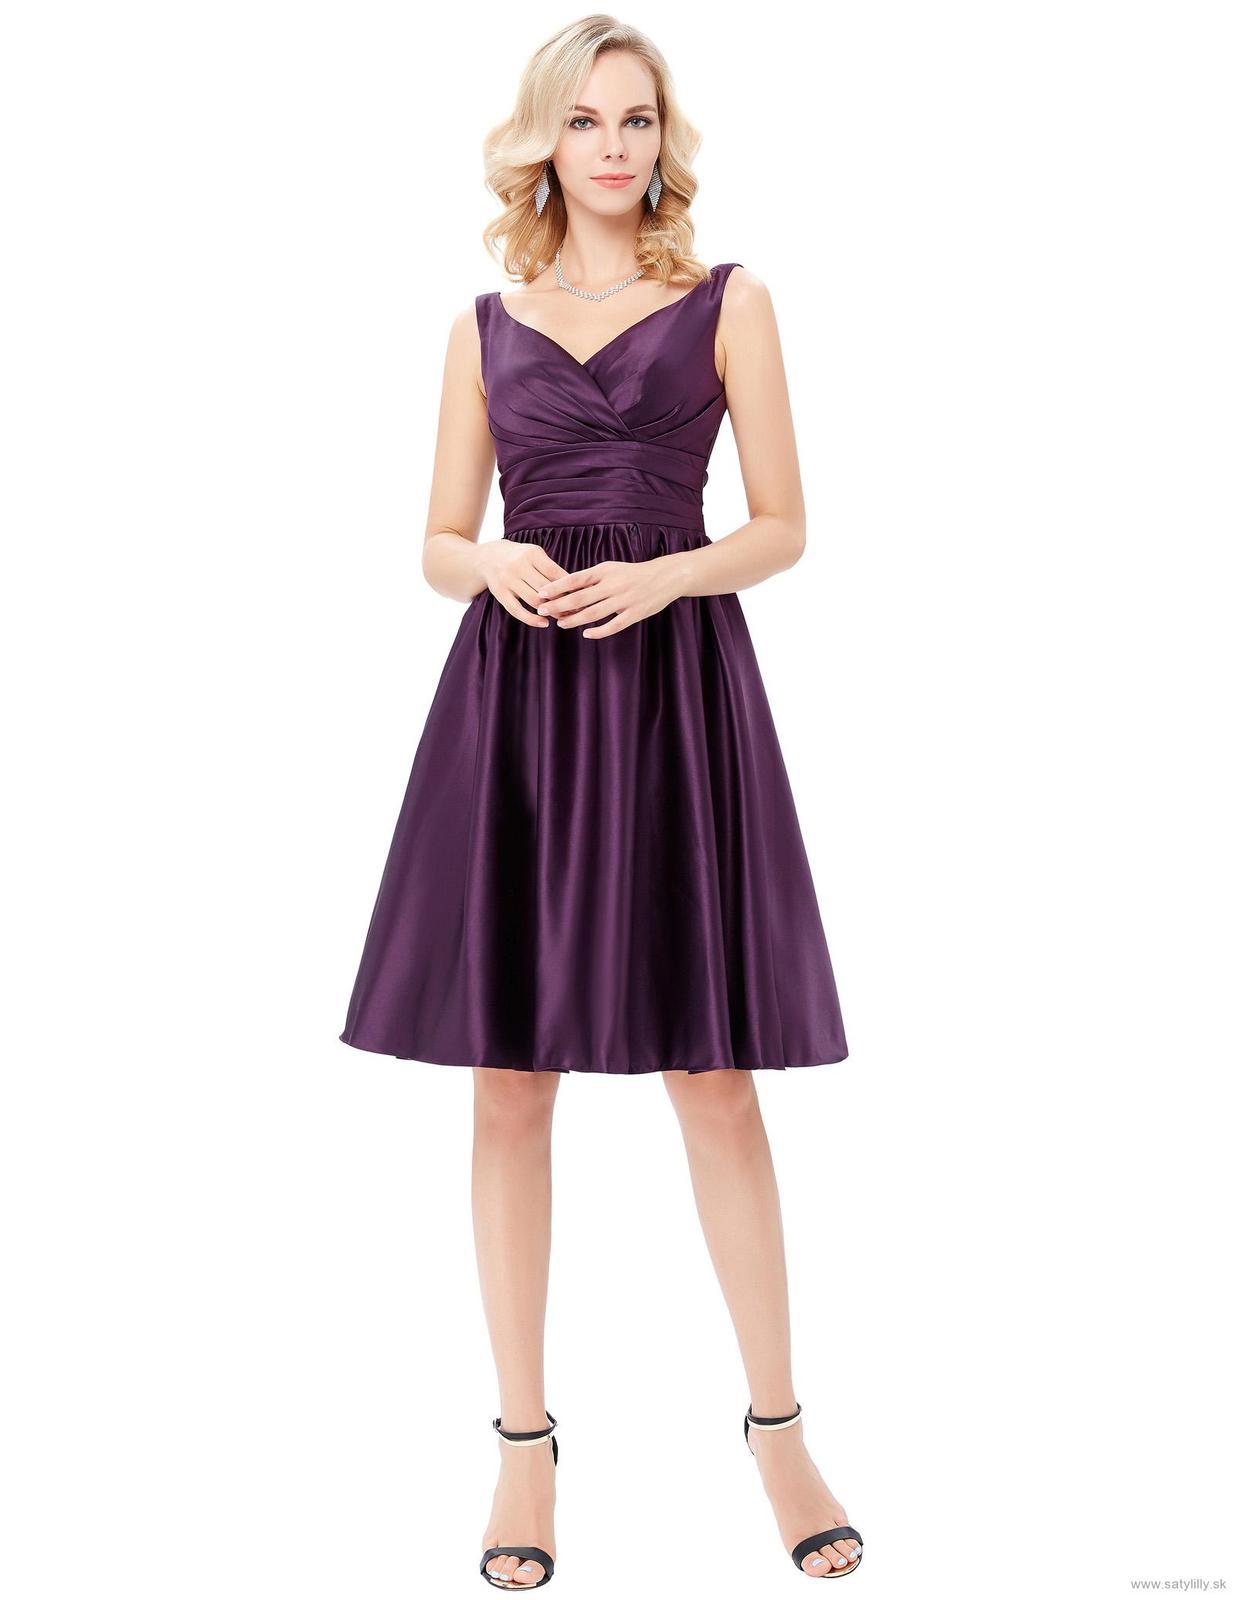 Spoločenské šaty - veľ. 34 dodanie IHNEĎ - Obrázok č. 1